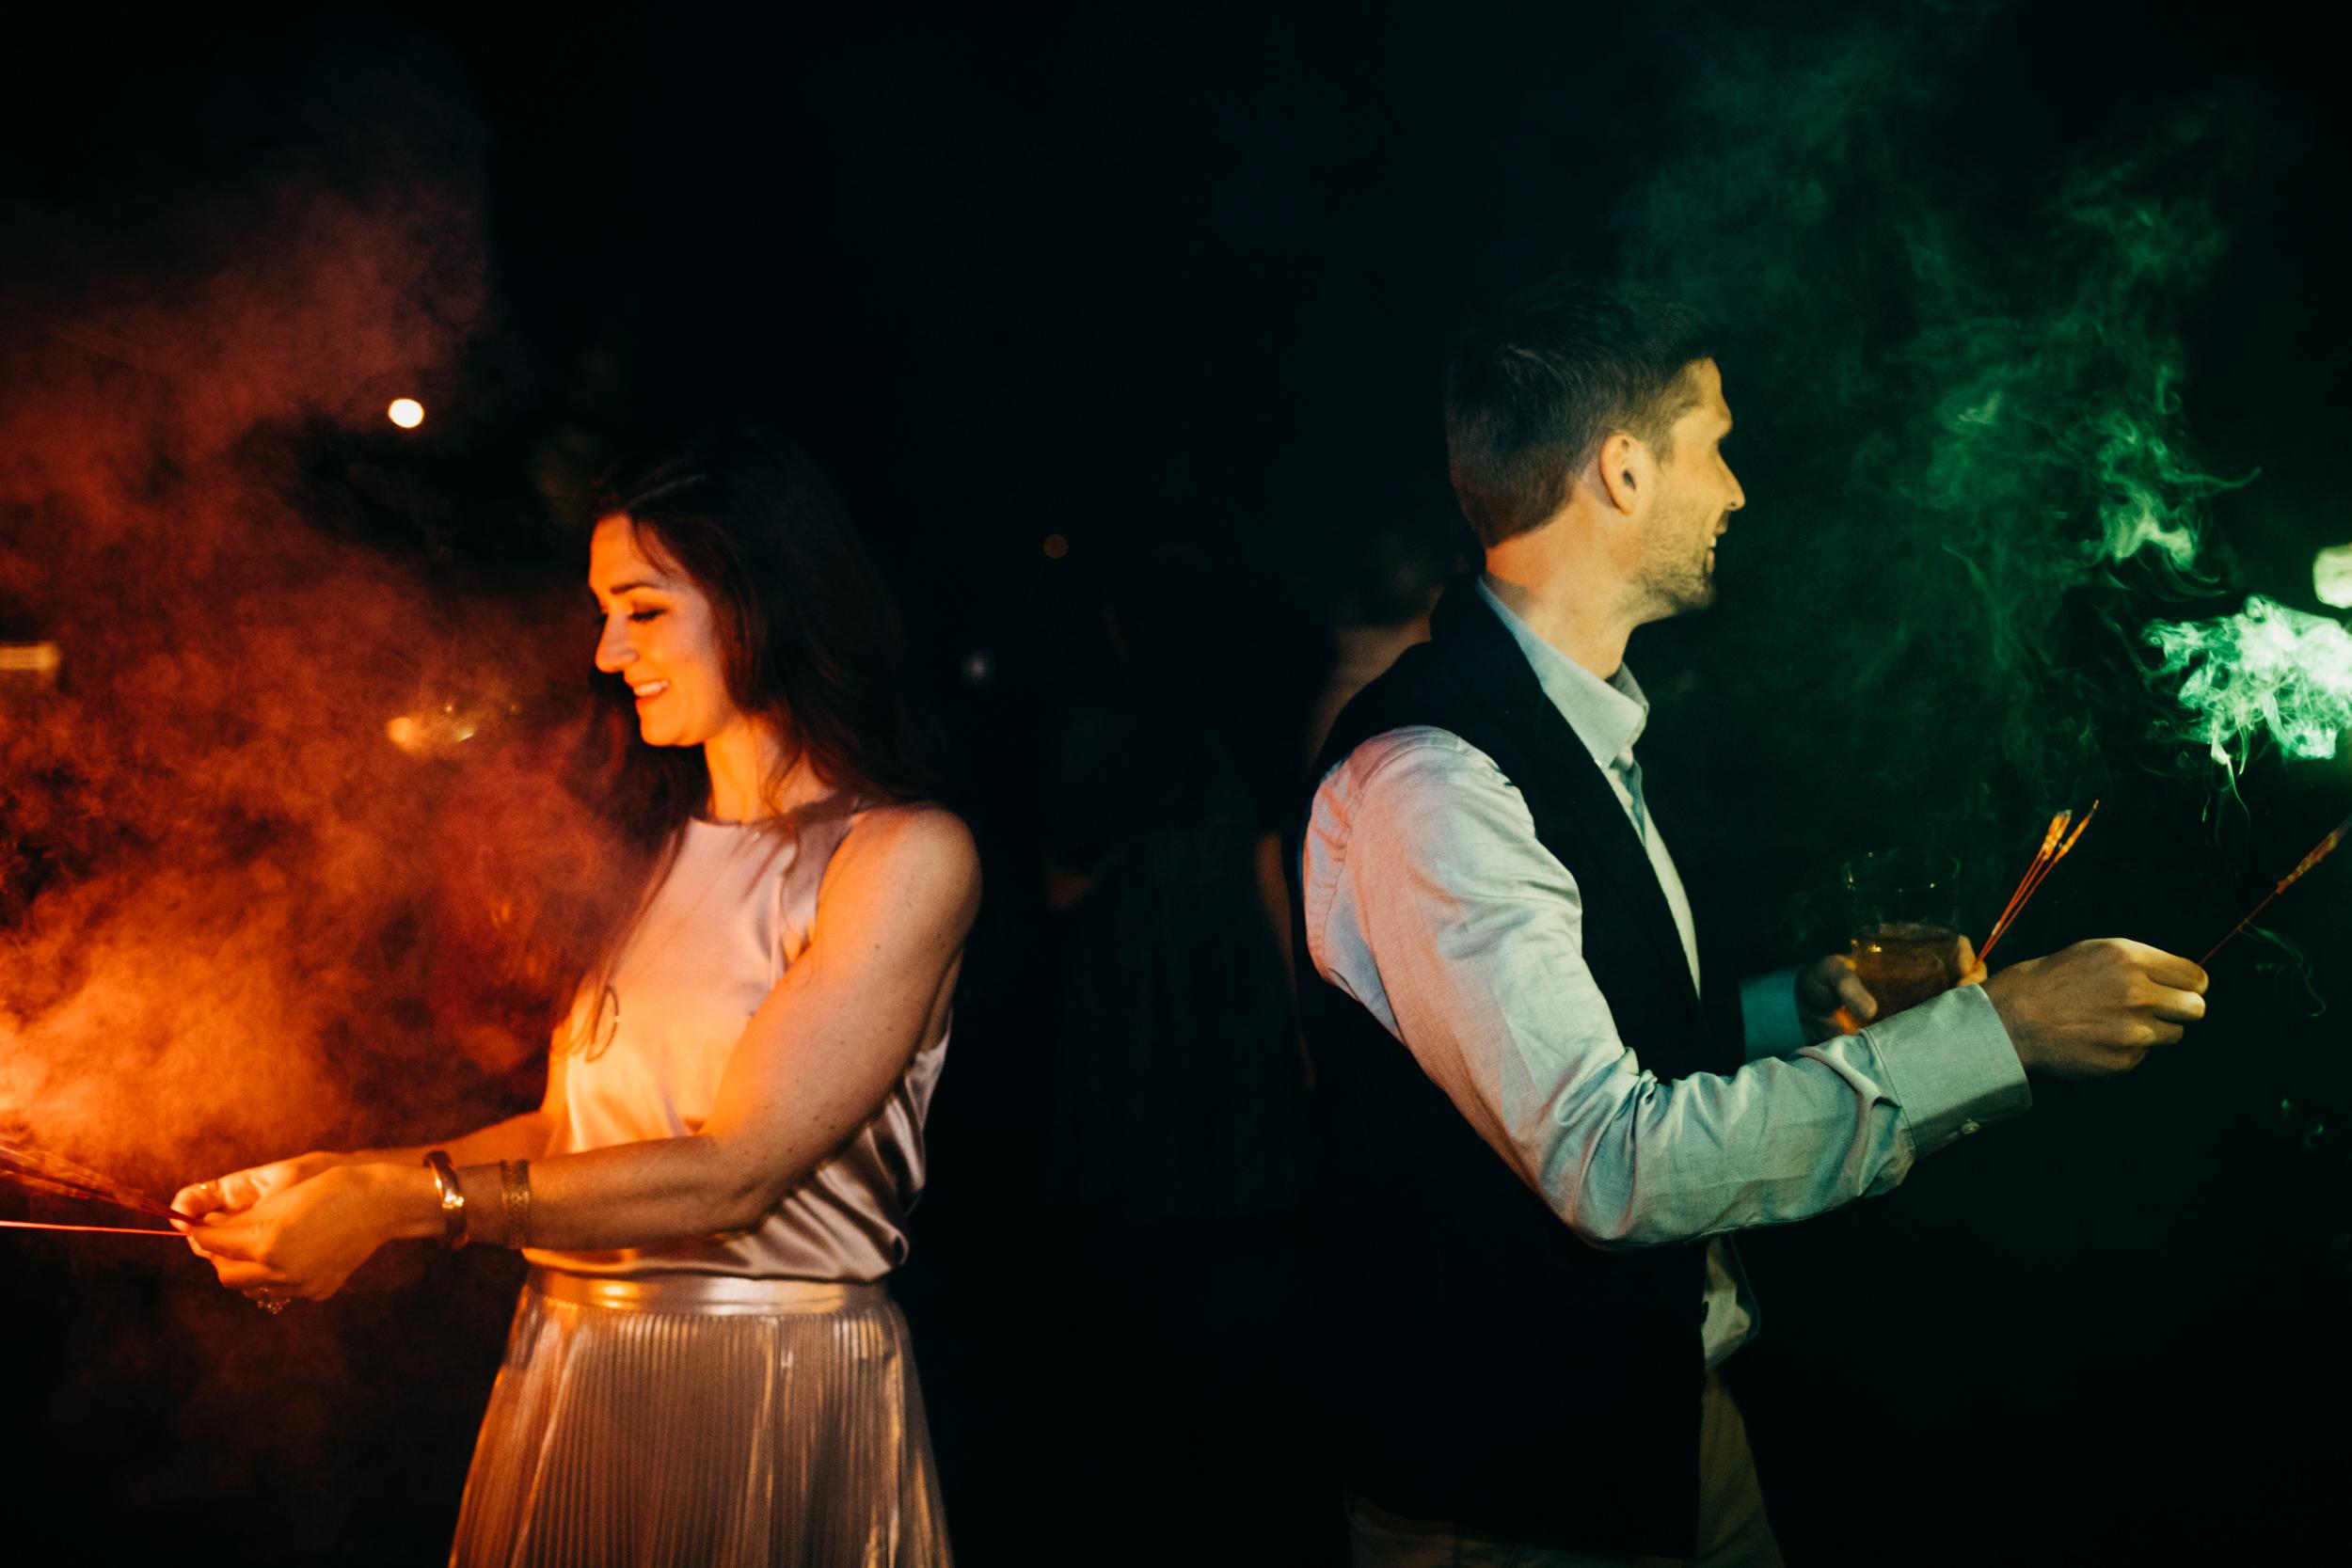 Mackenzie_Collins_Day_Two_Flatbread_Company_rockport_Maine_wedding_021.jpg